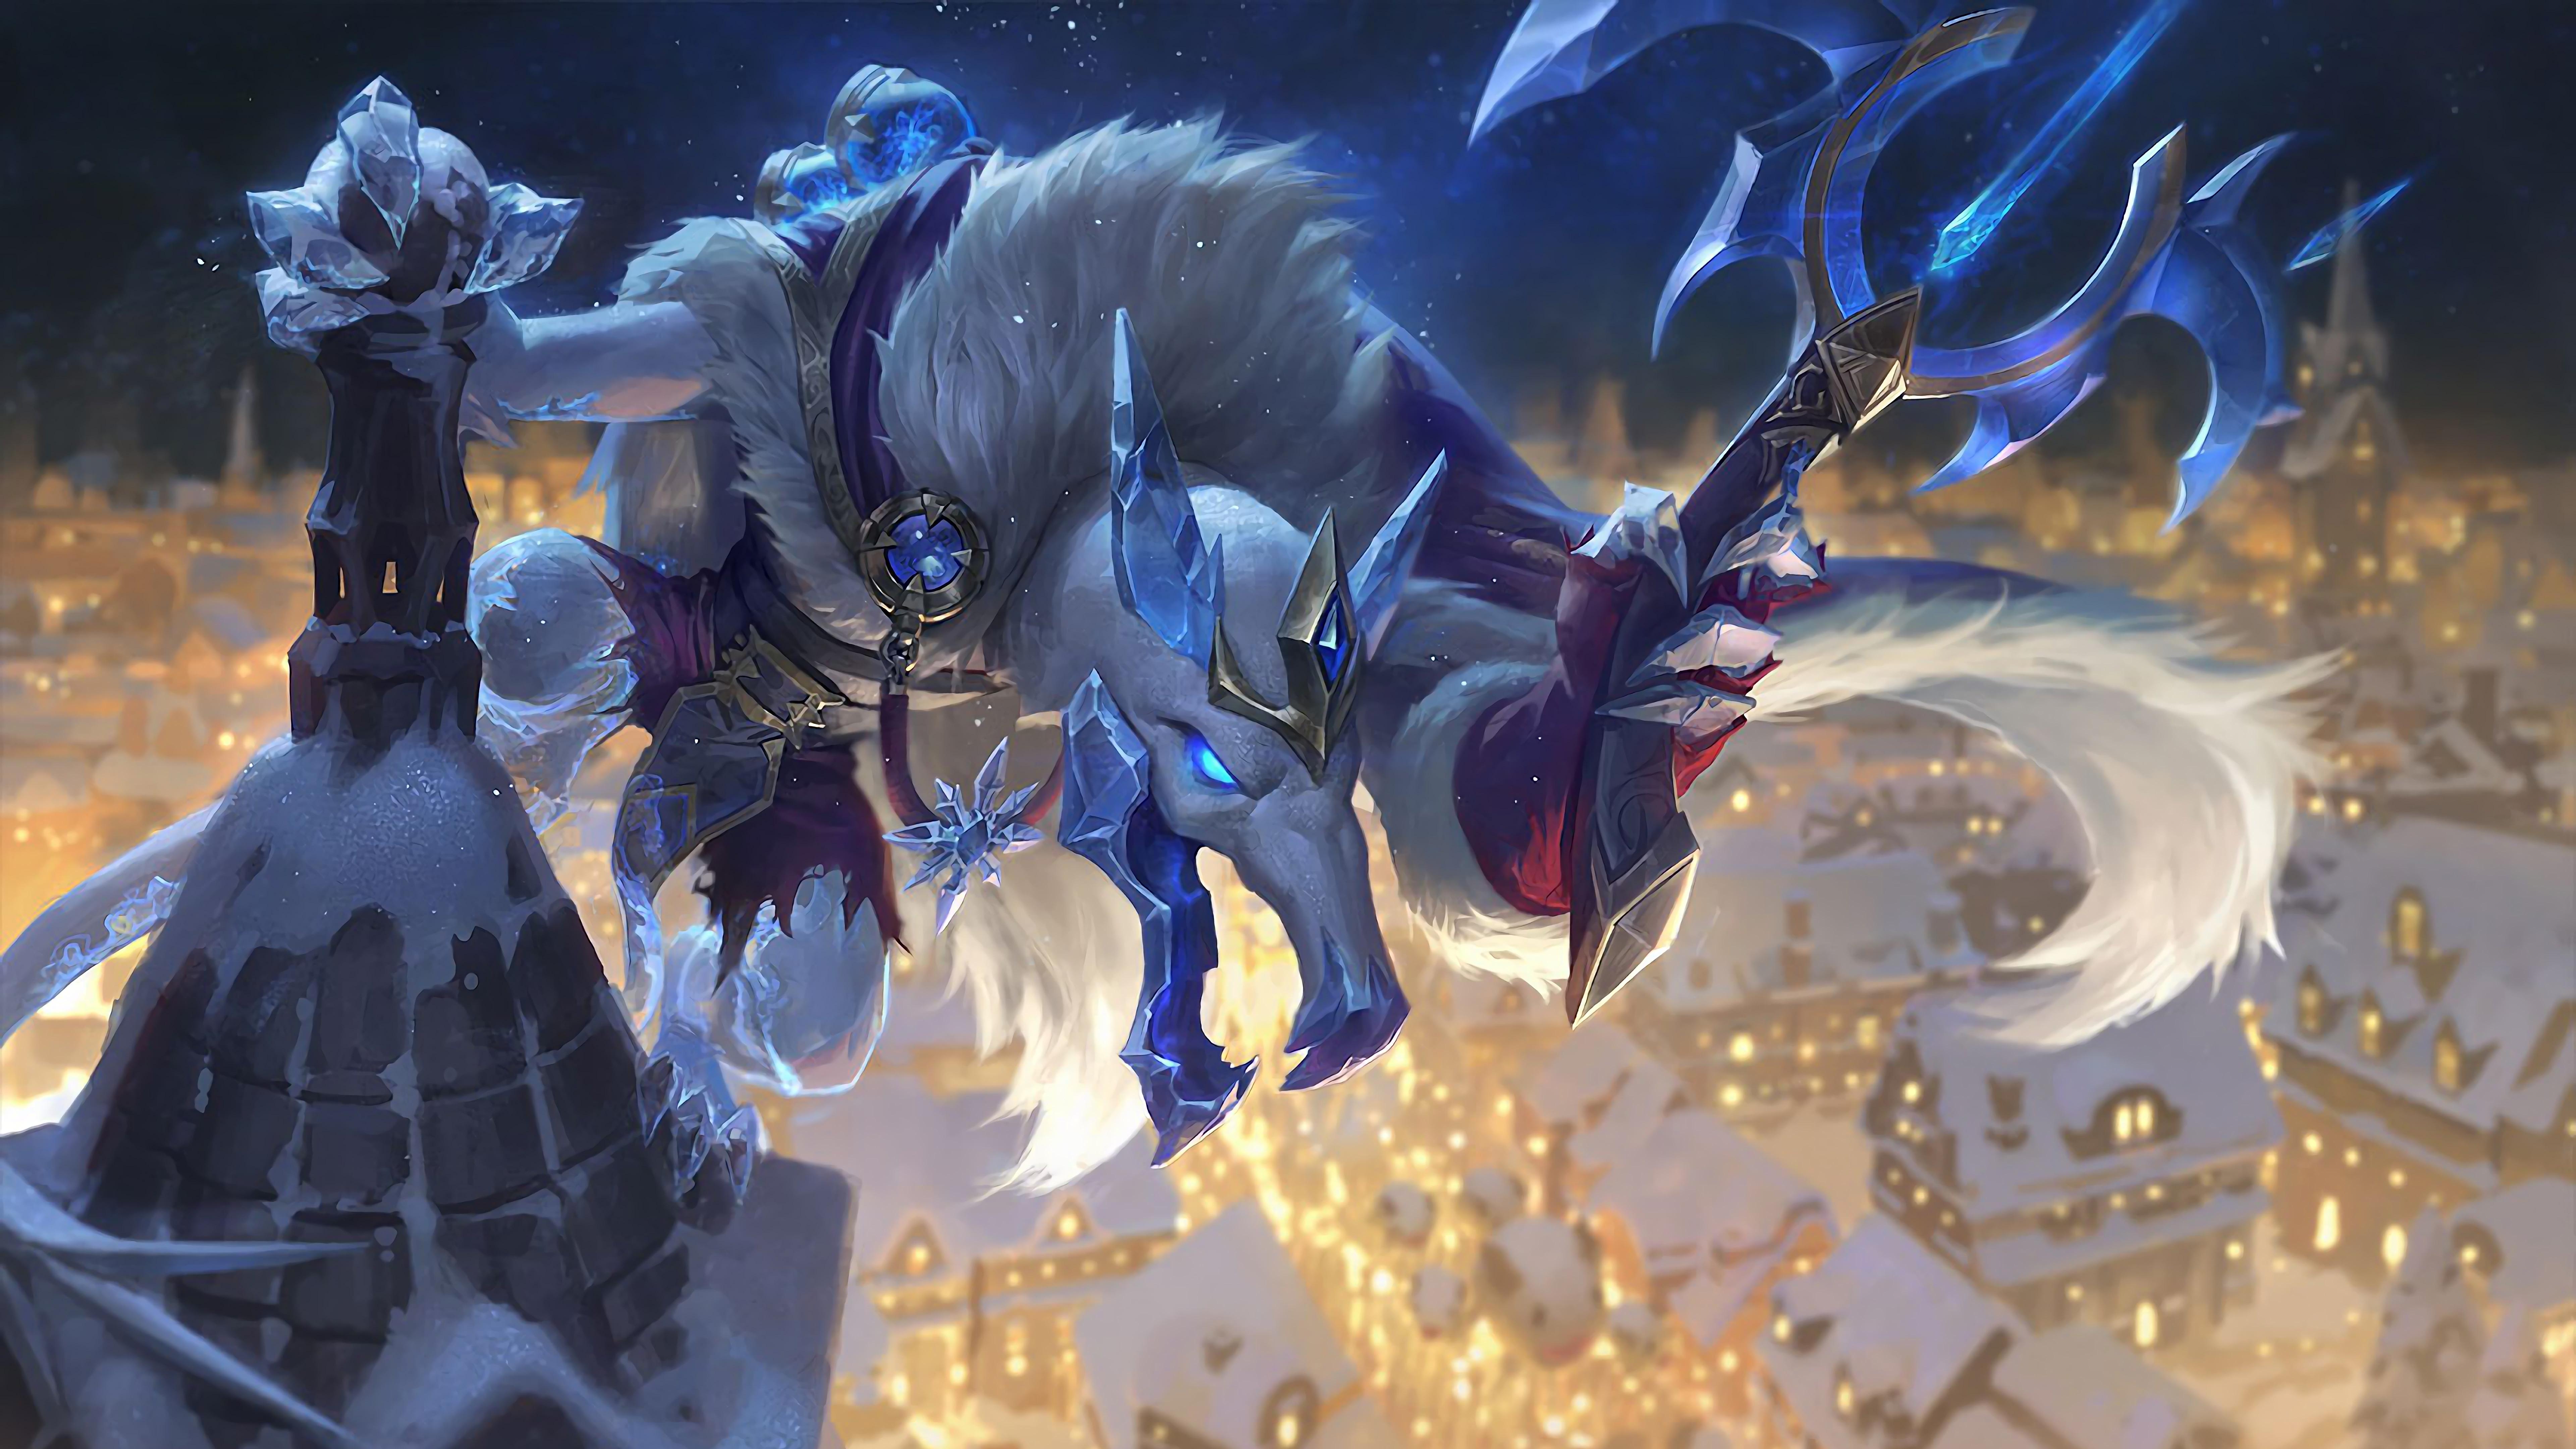 Wallpaper 4k Ice King Twitch Lol Splash Art Skin League Of Legends Lol League Of Legends Snowdown League Of Legends Twitch